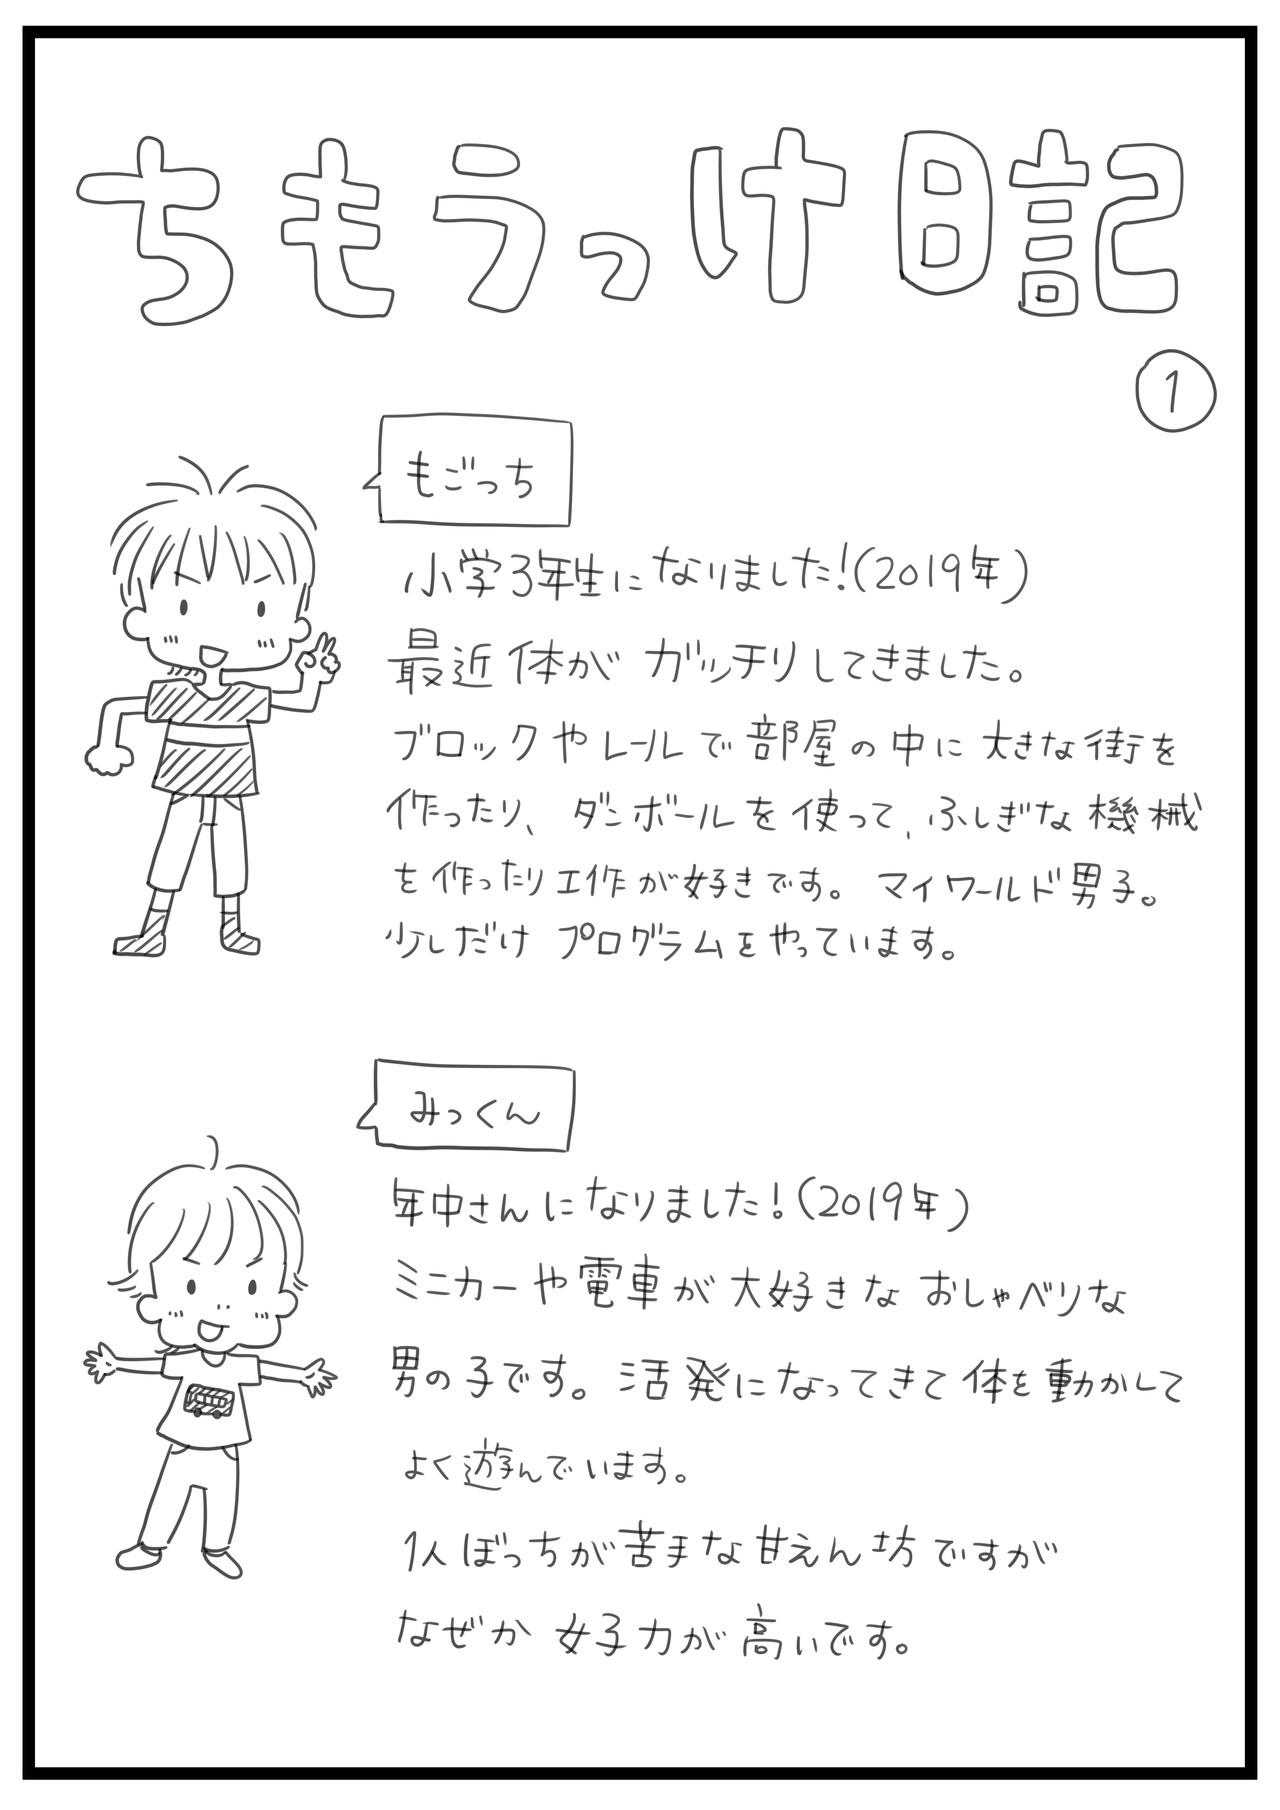 育児日記_2019_04_no.01